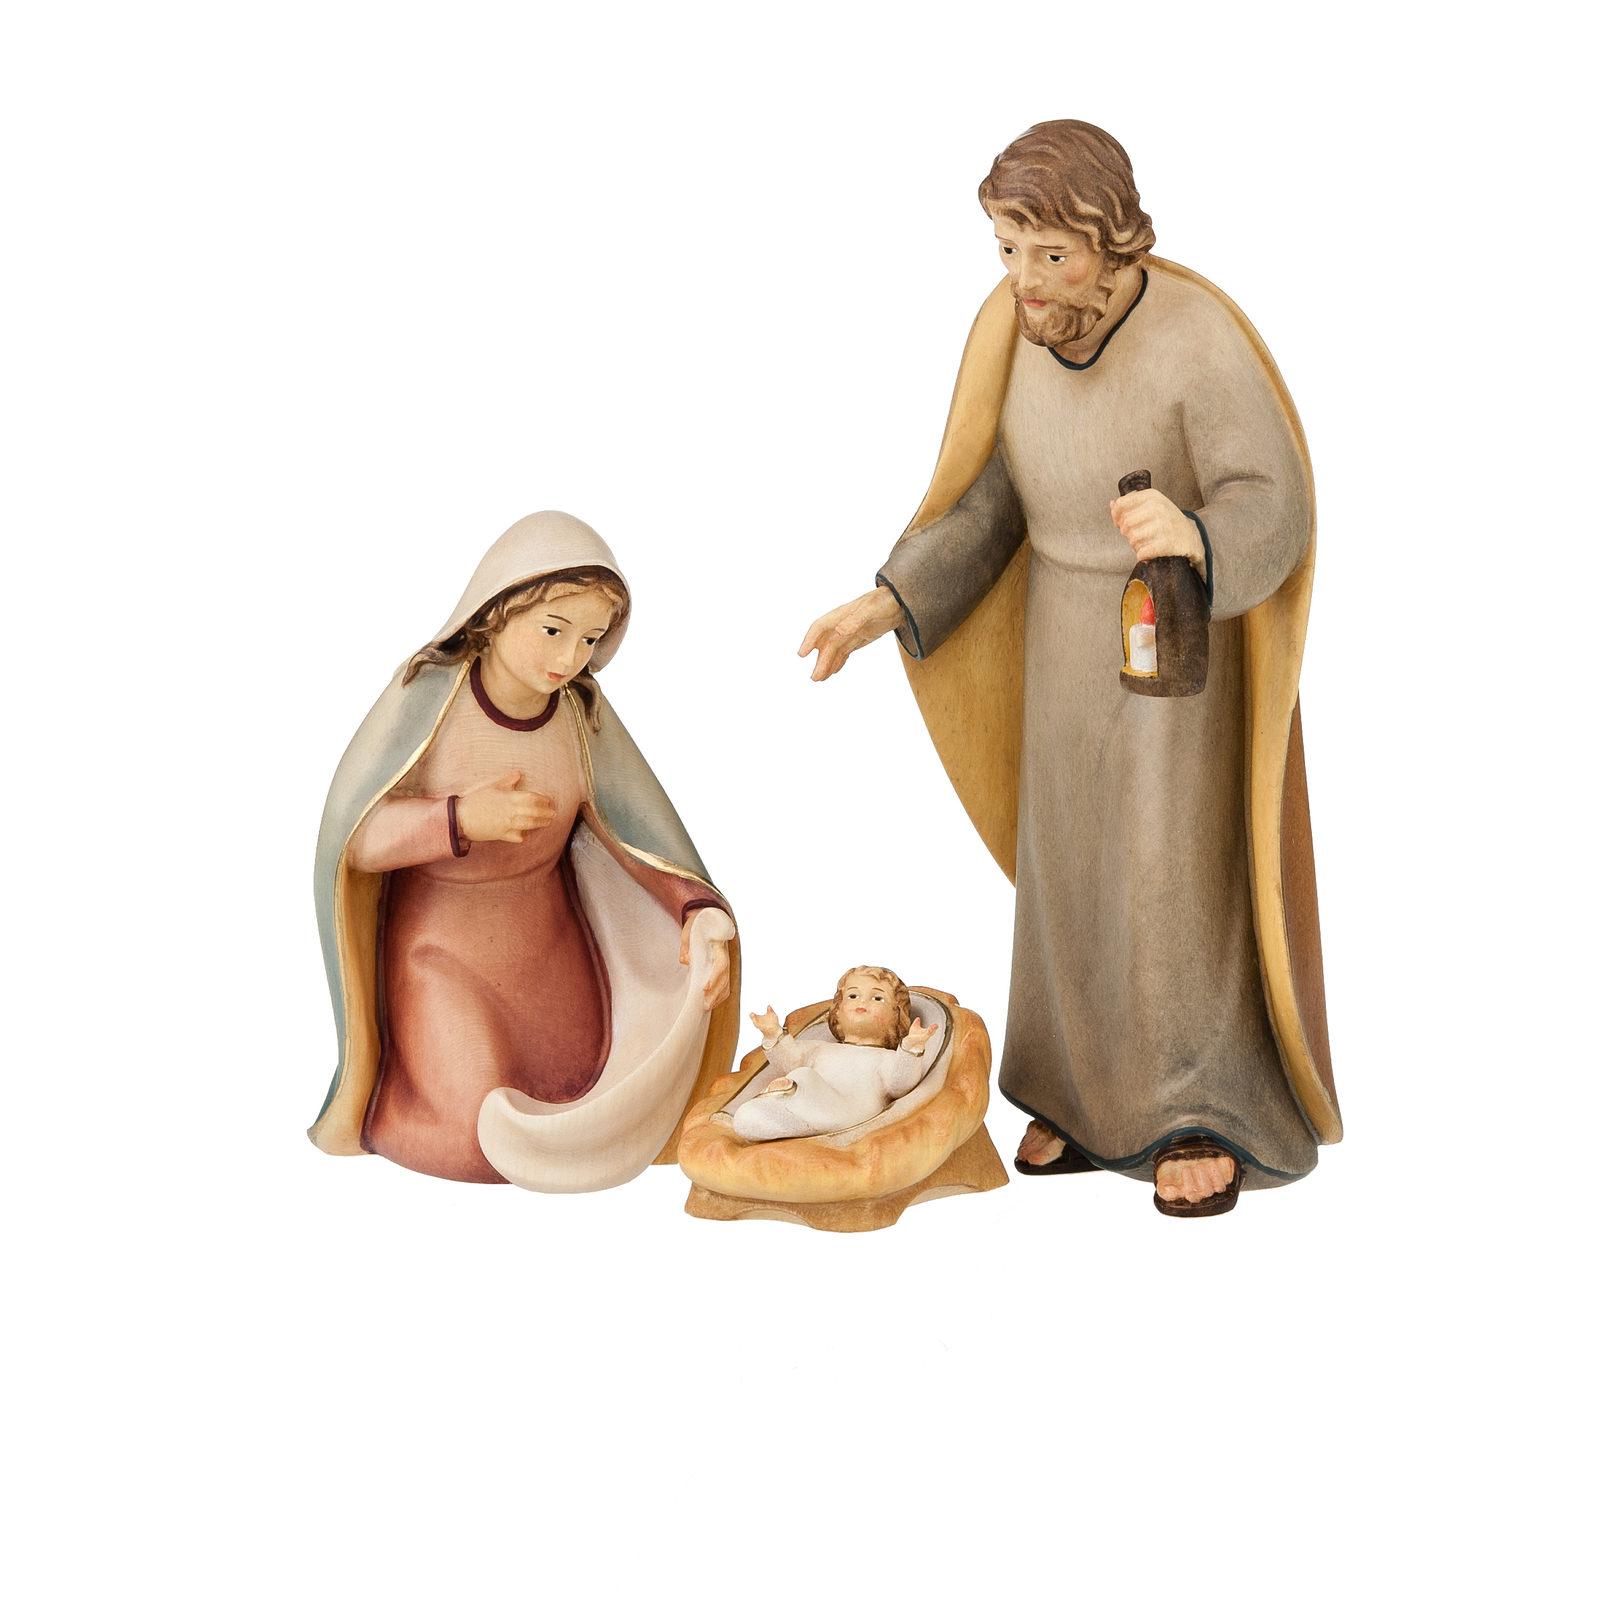 Krippenblock artis artis familie heilige familie artis serie - Krippe modern holz ...